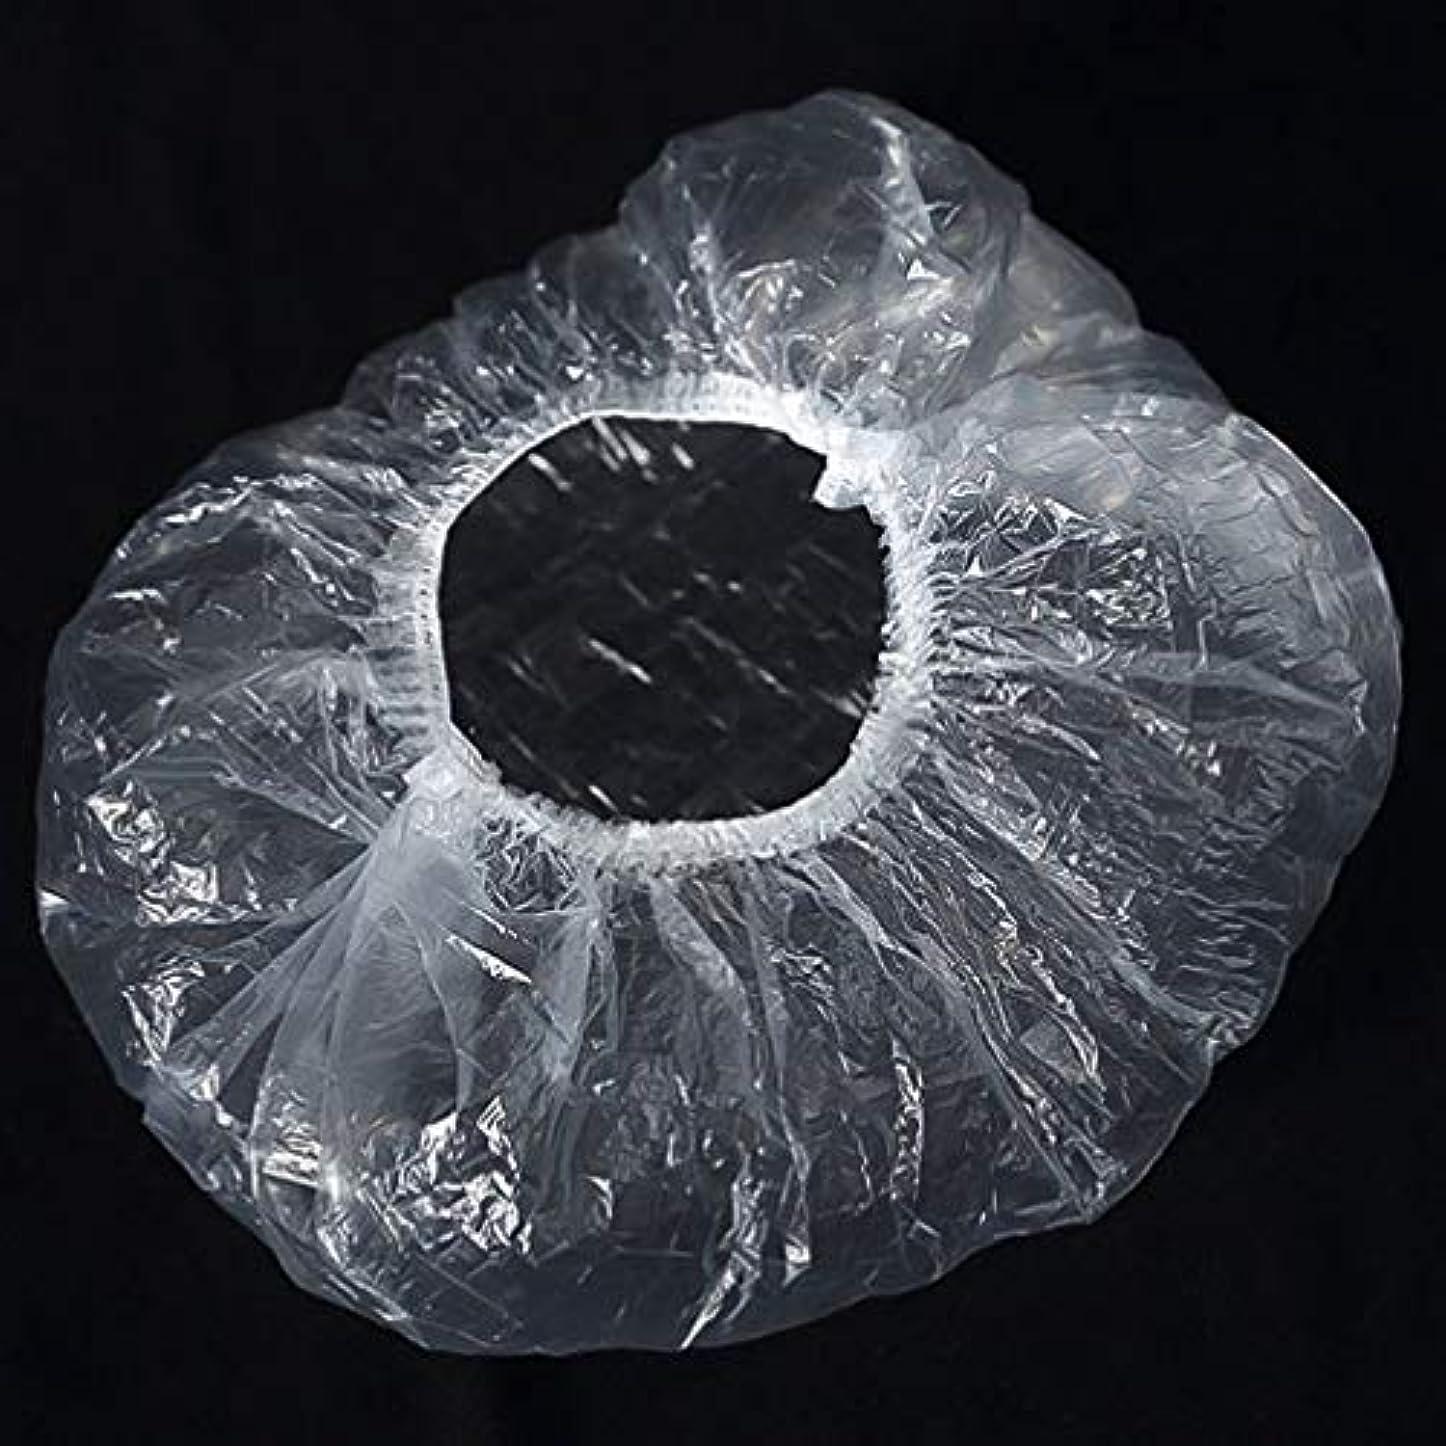 胸本会議出費Quzama-JS 快適なシャワーキャップ、ポータブル使い捨てシャワーキャッププラスチック透明防水シャワーキャップバス(as picture)